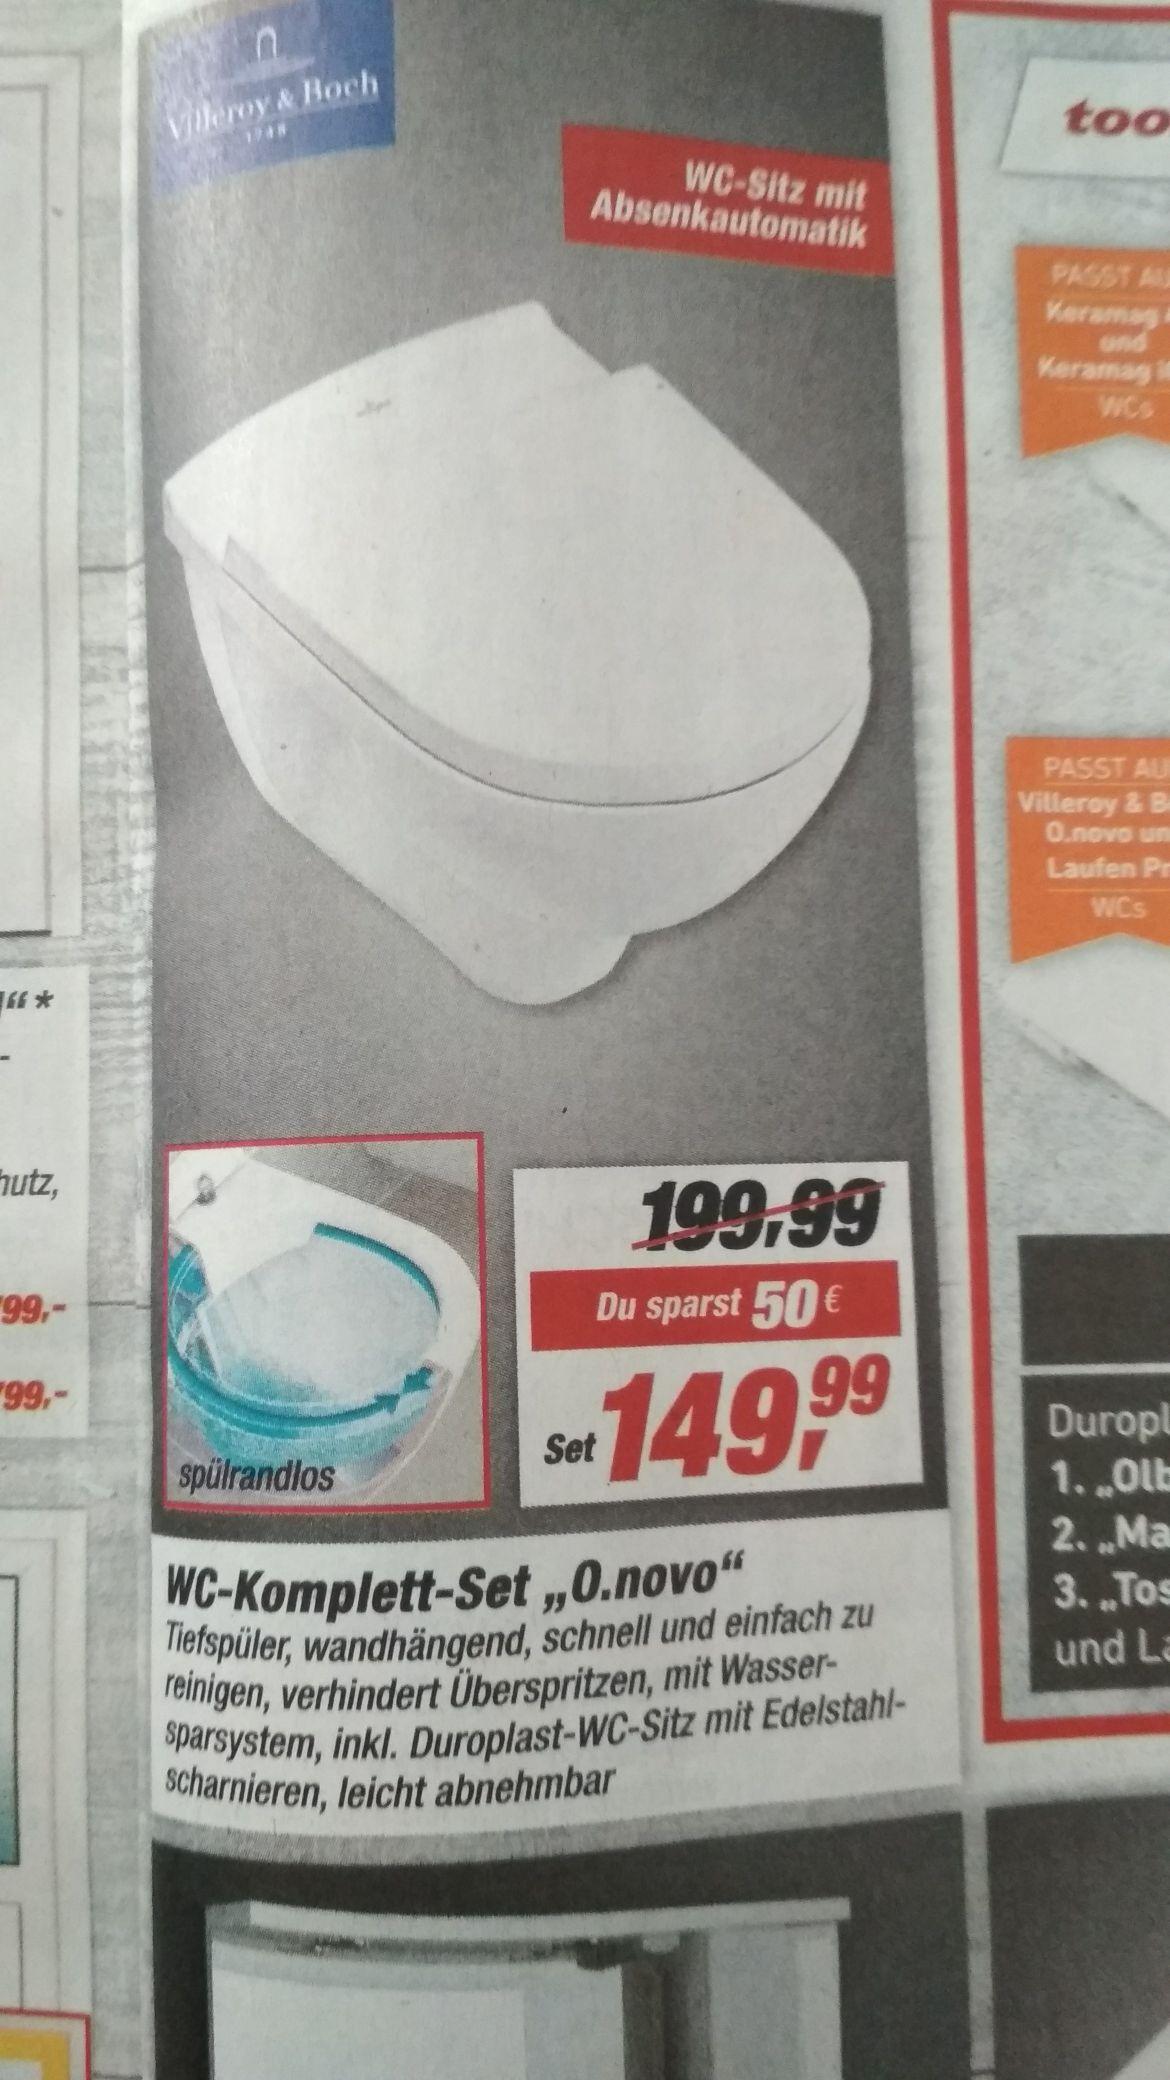 Toom Baumarkt - villeroy & boch WC-Set O. Novo